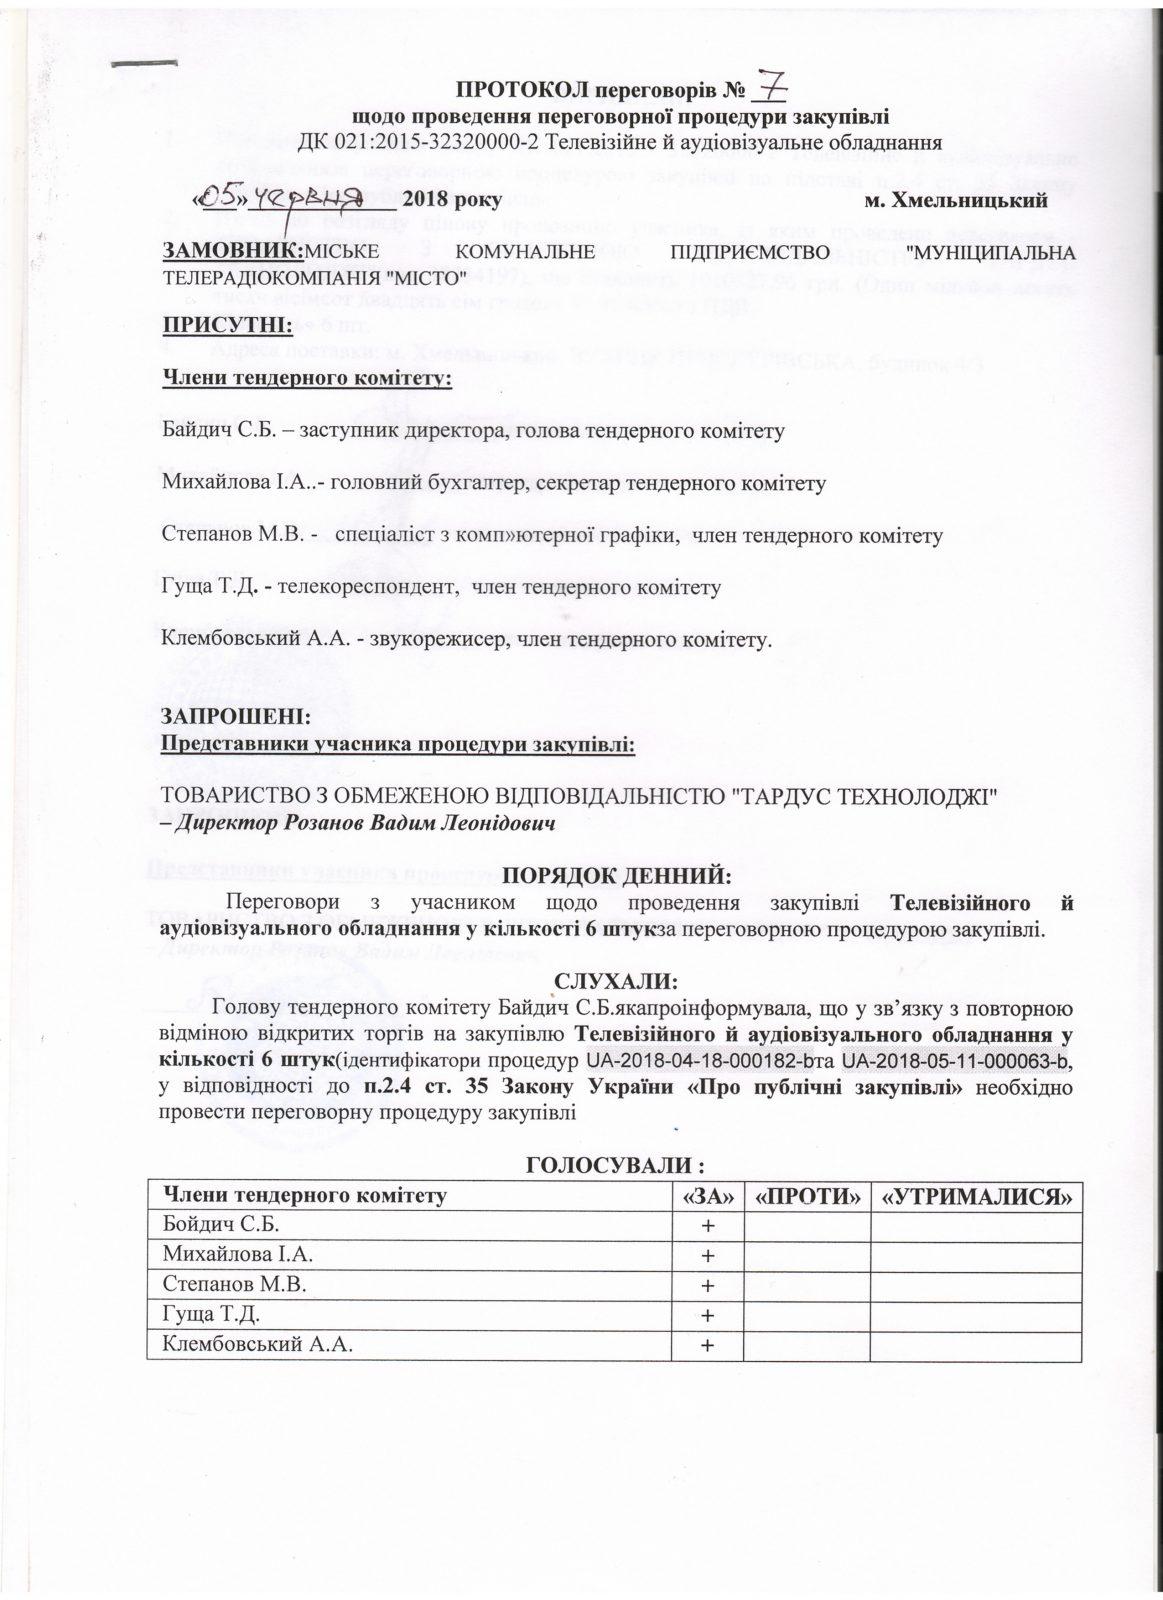 Протокол переговорів №7